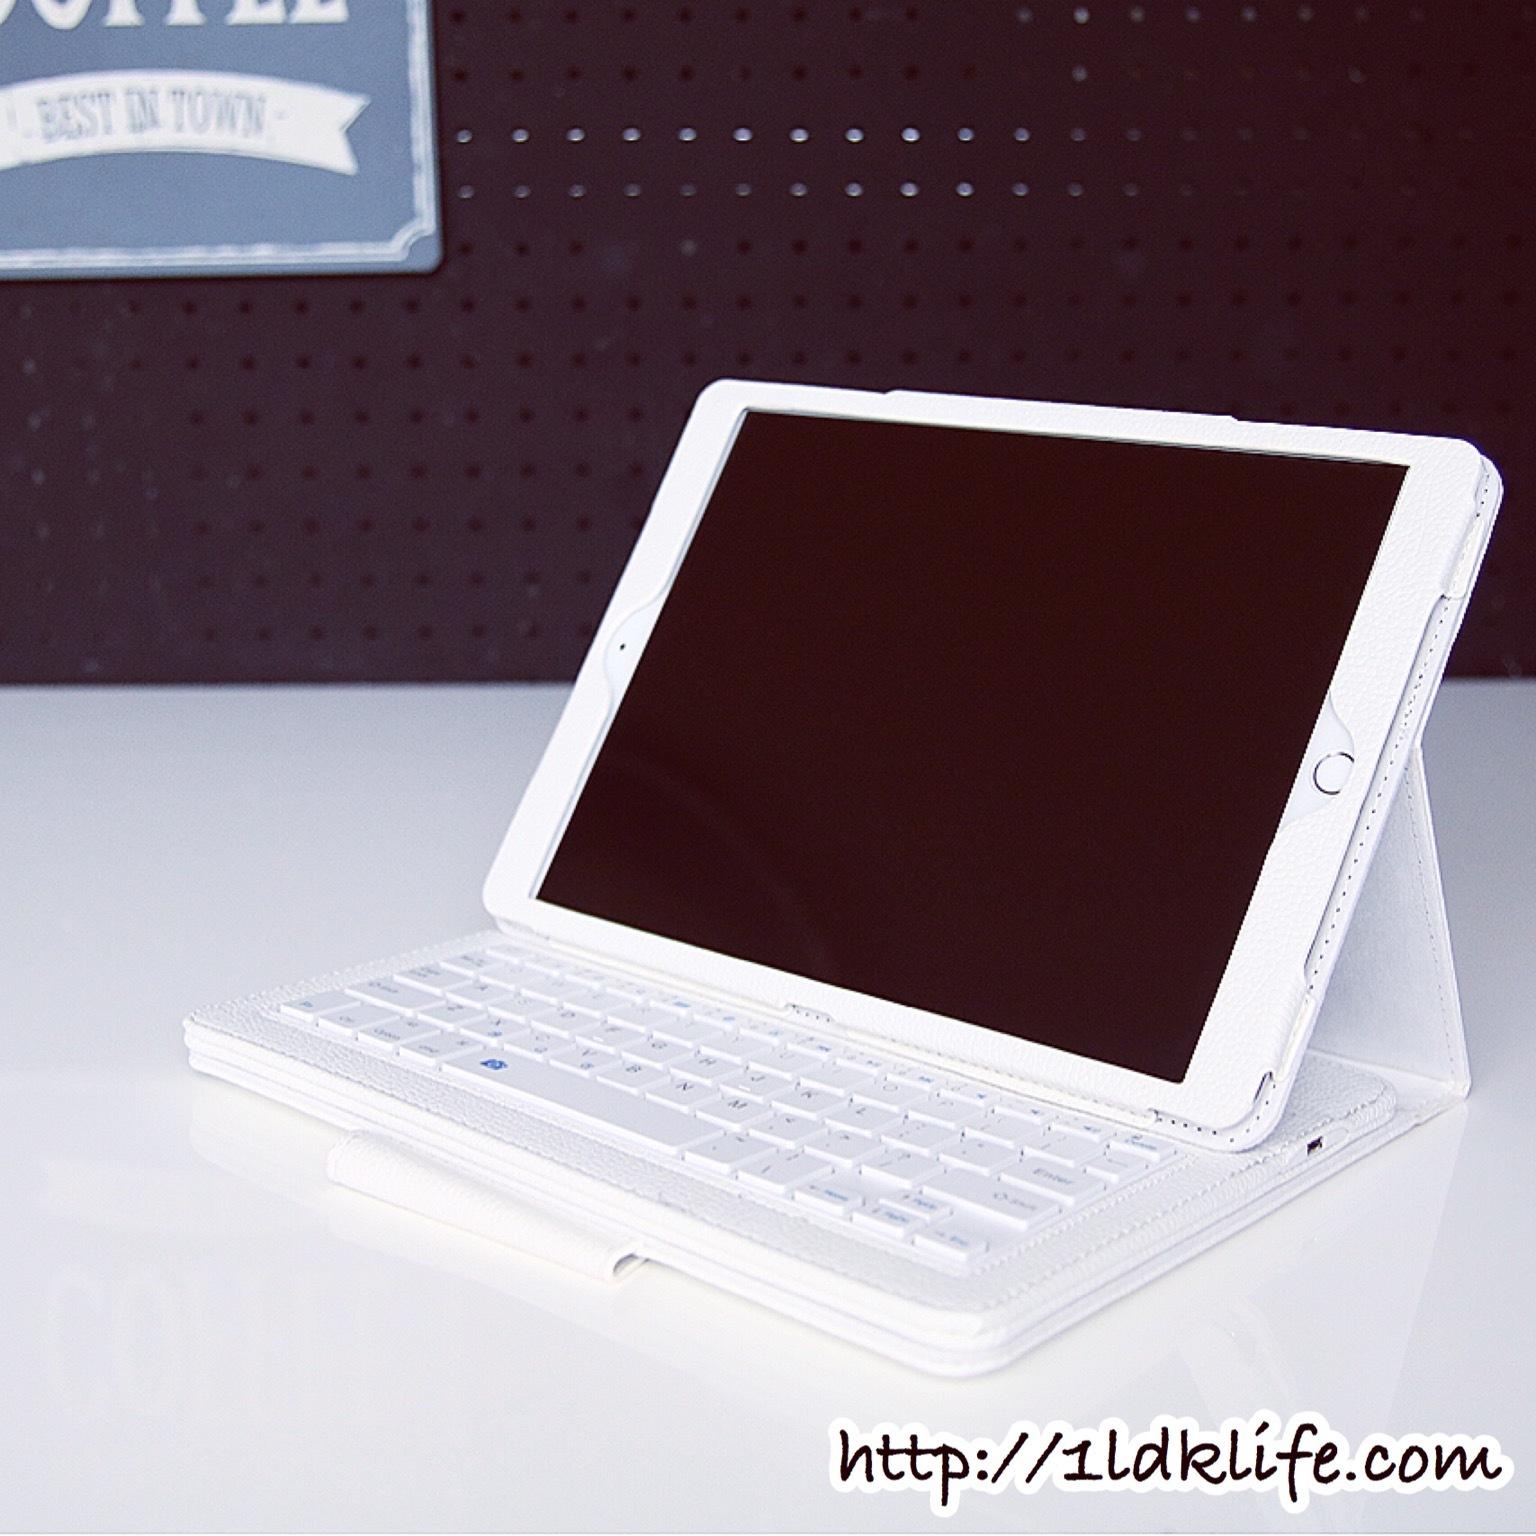 iPadProにカバーをつけてPCモドキに。